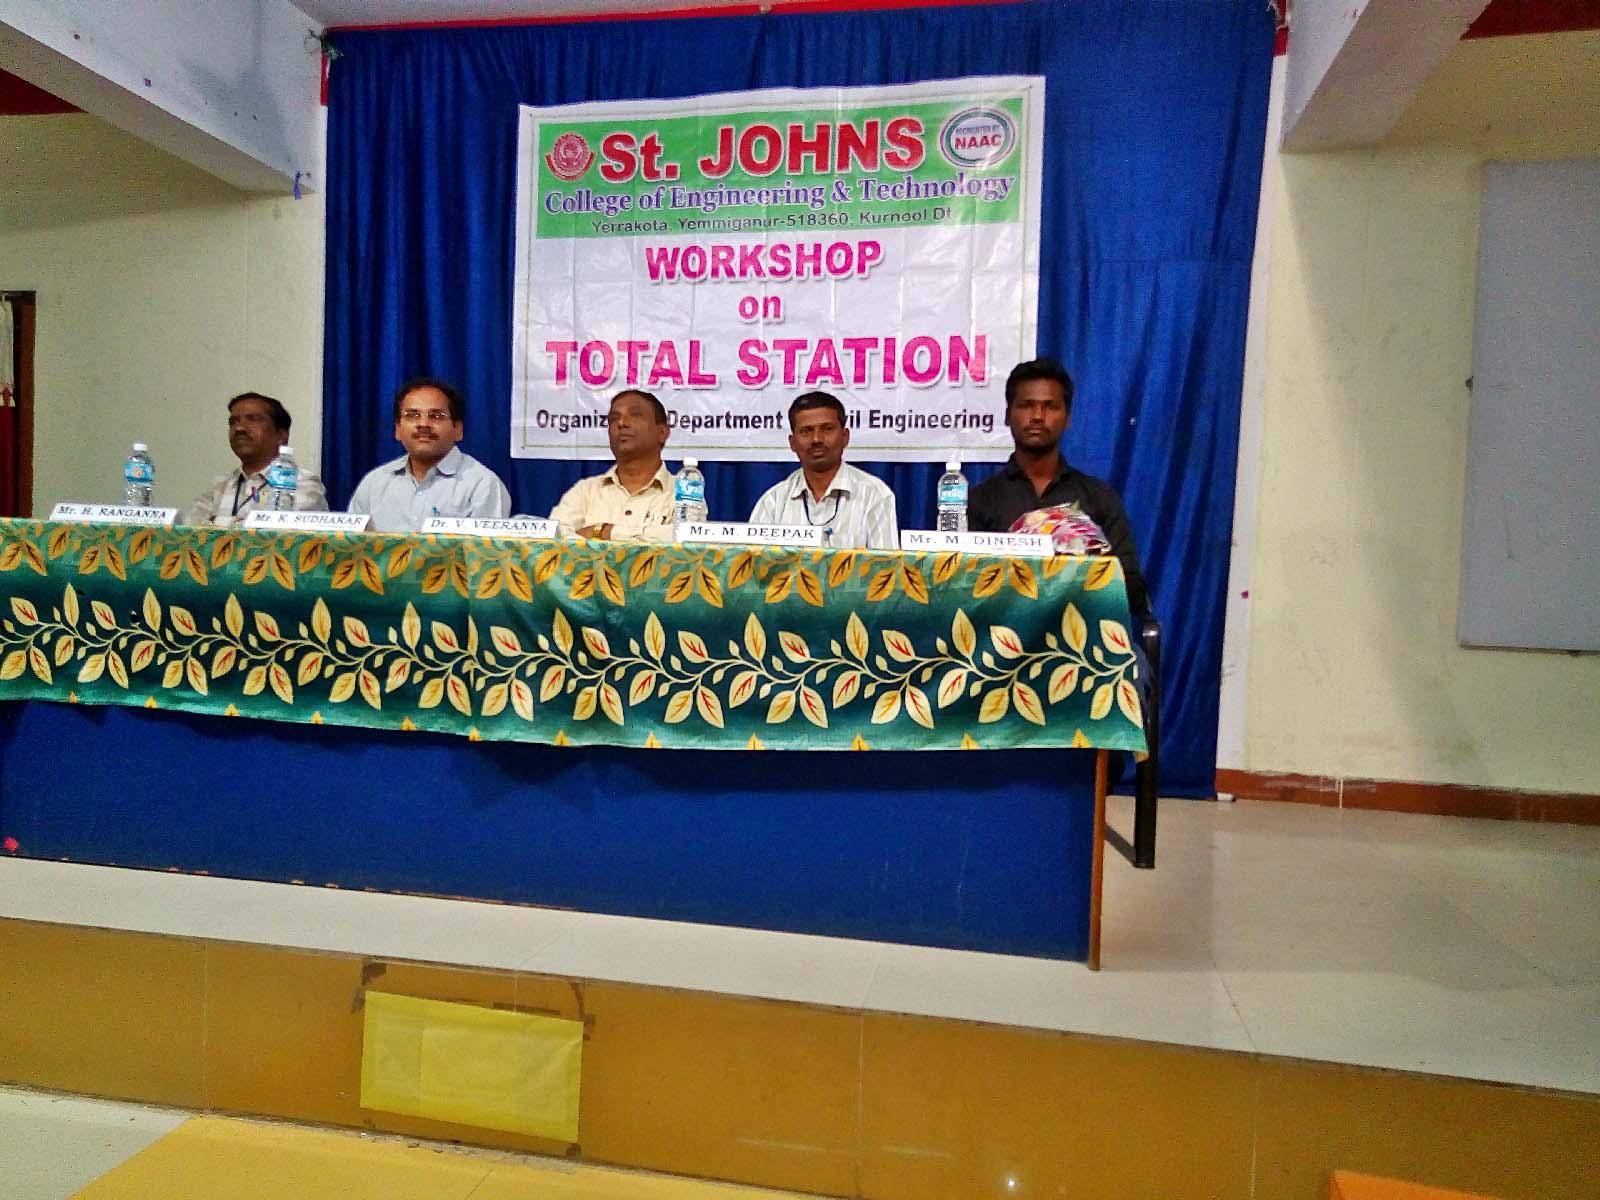 Workshop on Total Station